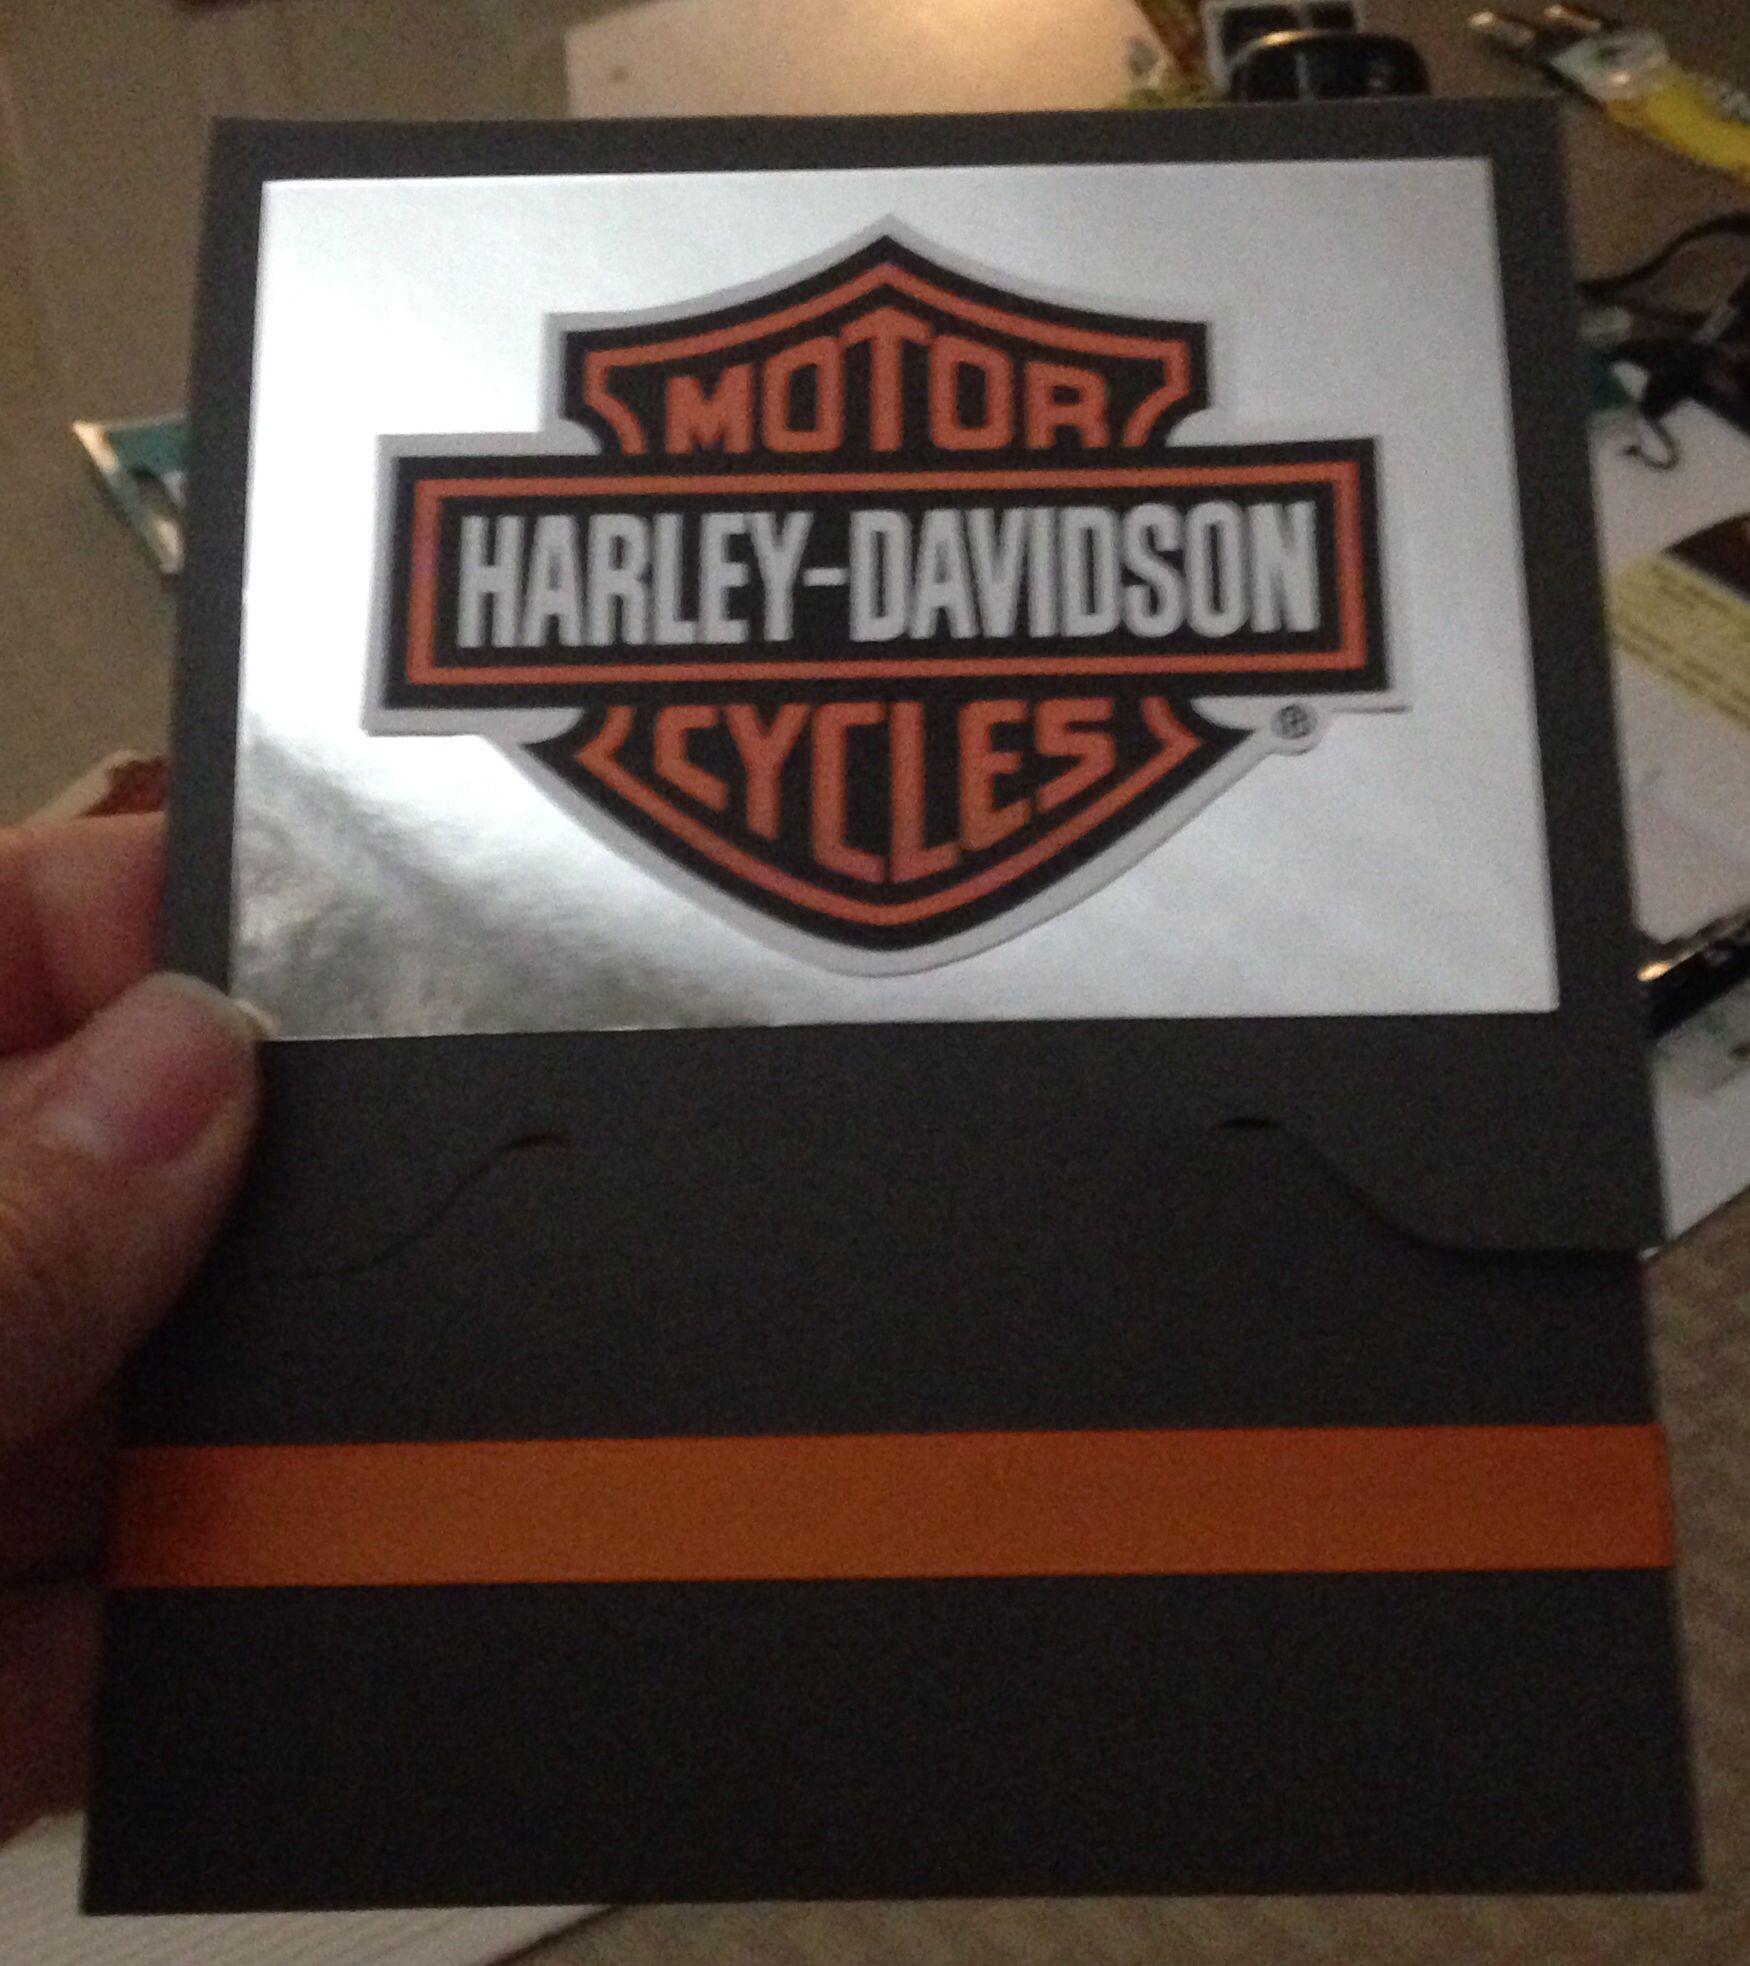 Harley Davidson gift card holder - orange and black By jkiisel ...